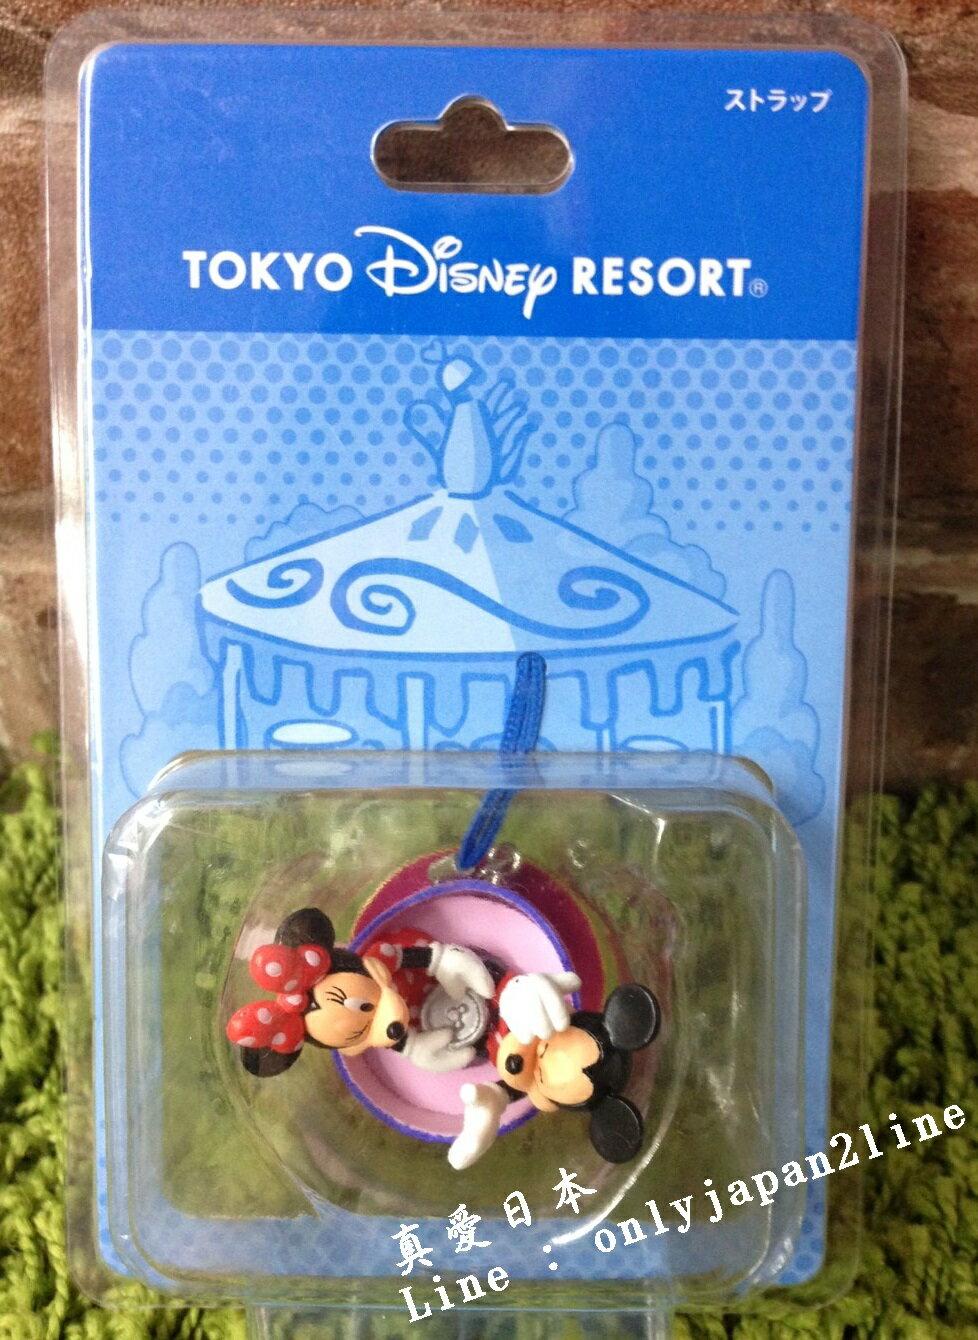 【真愛日本】16042100075 樂園遊樂場景吊飾-咖啡杯 迪士尼 Disney 場景 吊飾 擺飾 限量